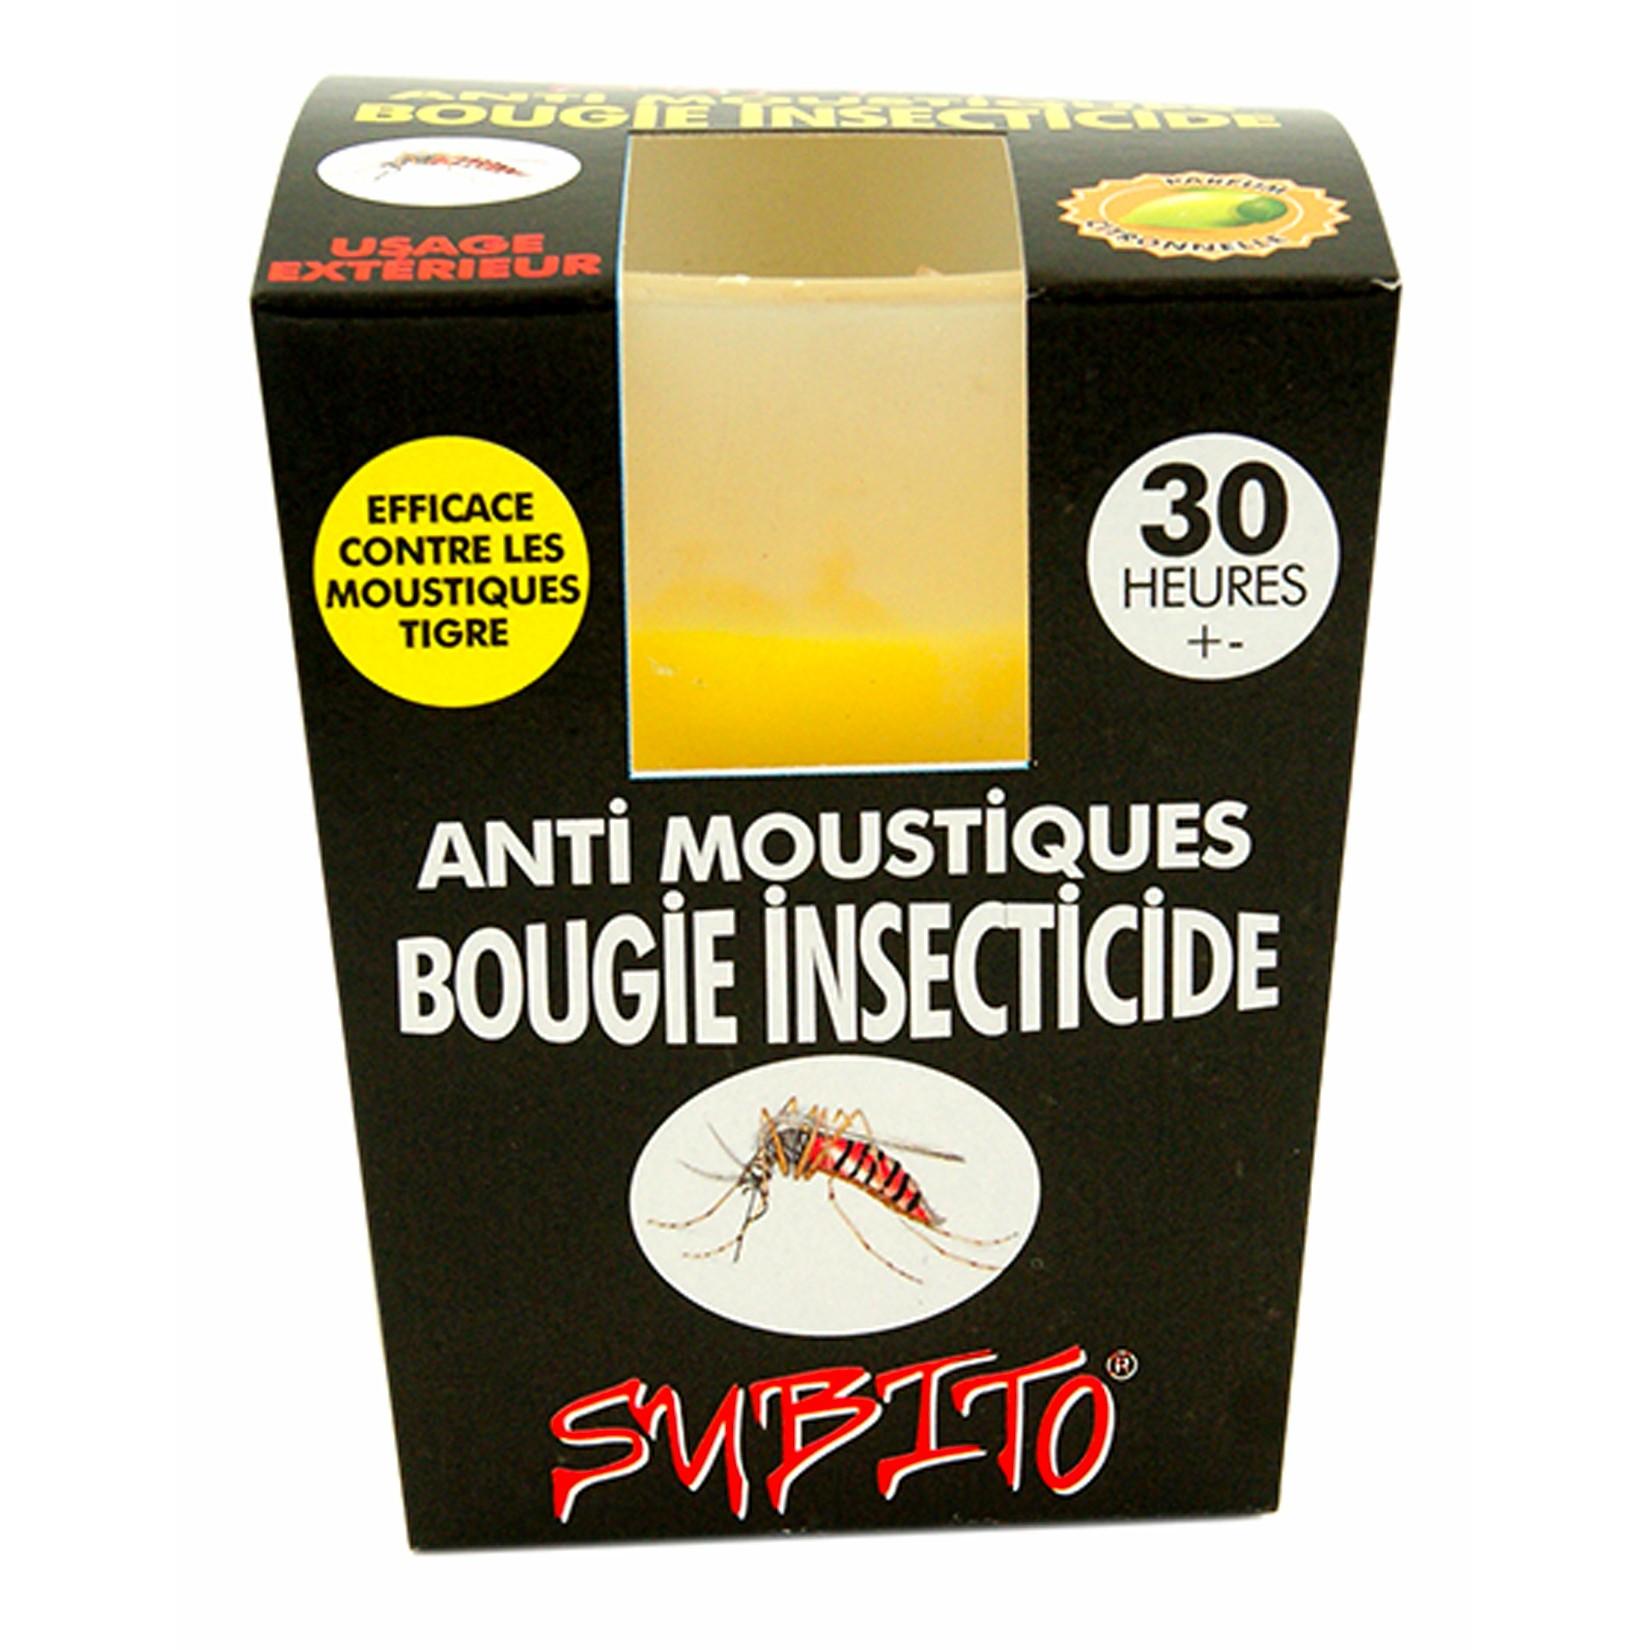 Bougie insecticide anti-moustiques pour extérieur 30 heures de Subito | Insecticide Antinuisible Qualité Professionnelle